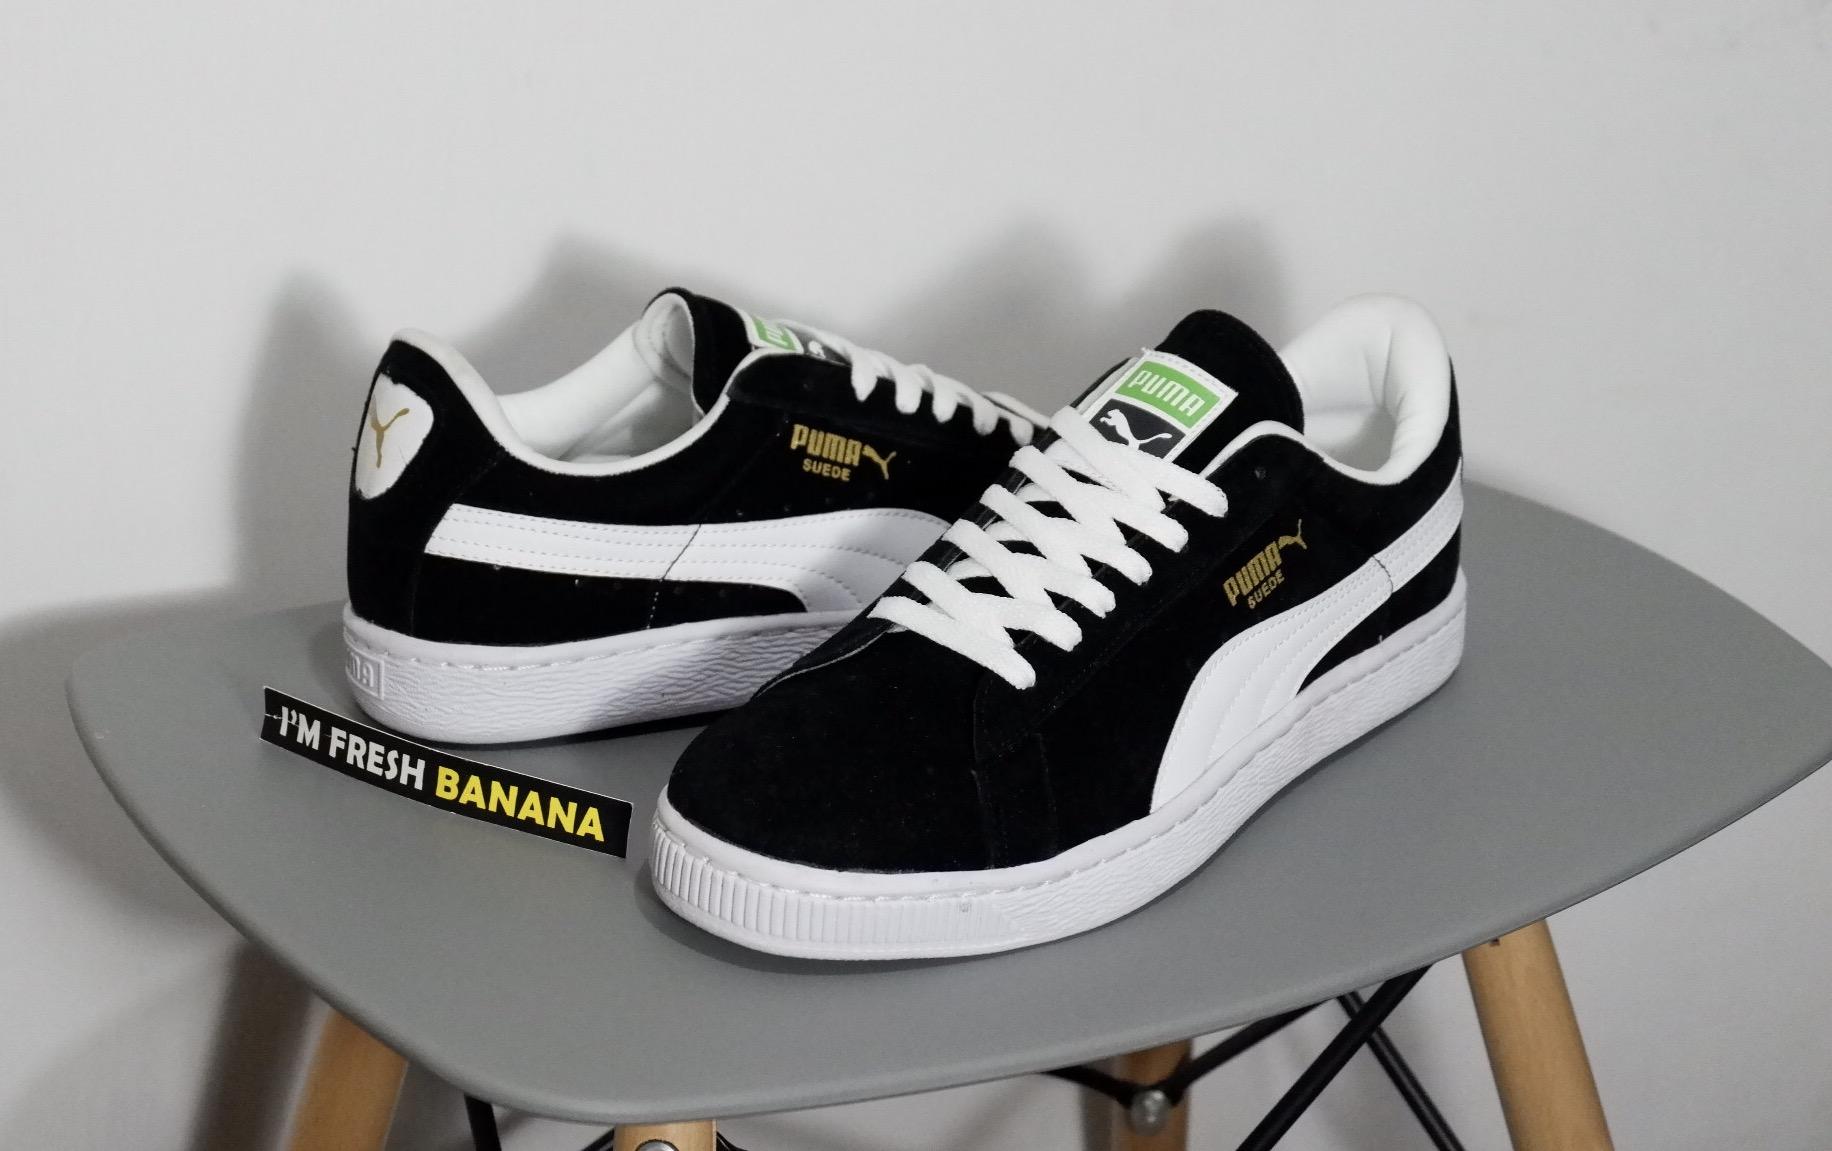 Jual Sepatu Puma Suede Classic Skate Skateboarding Black White ... 43e66848c9